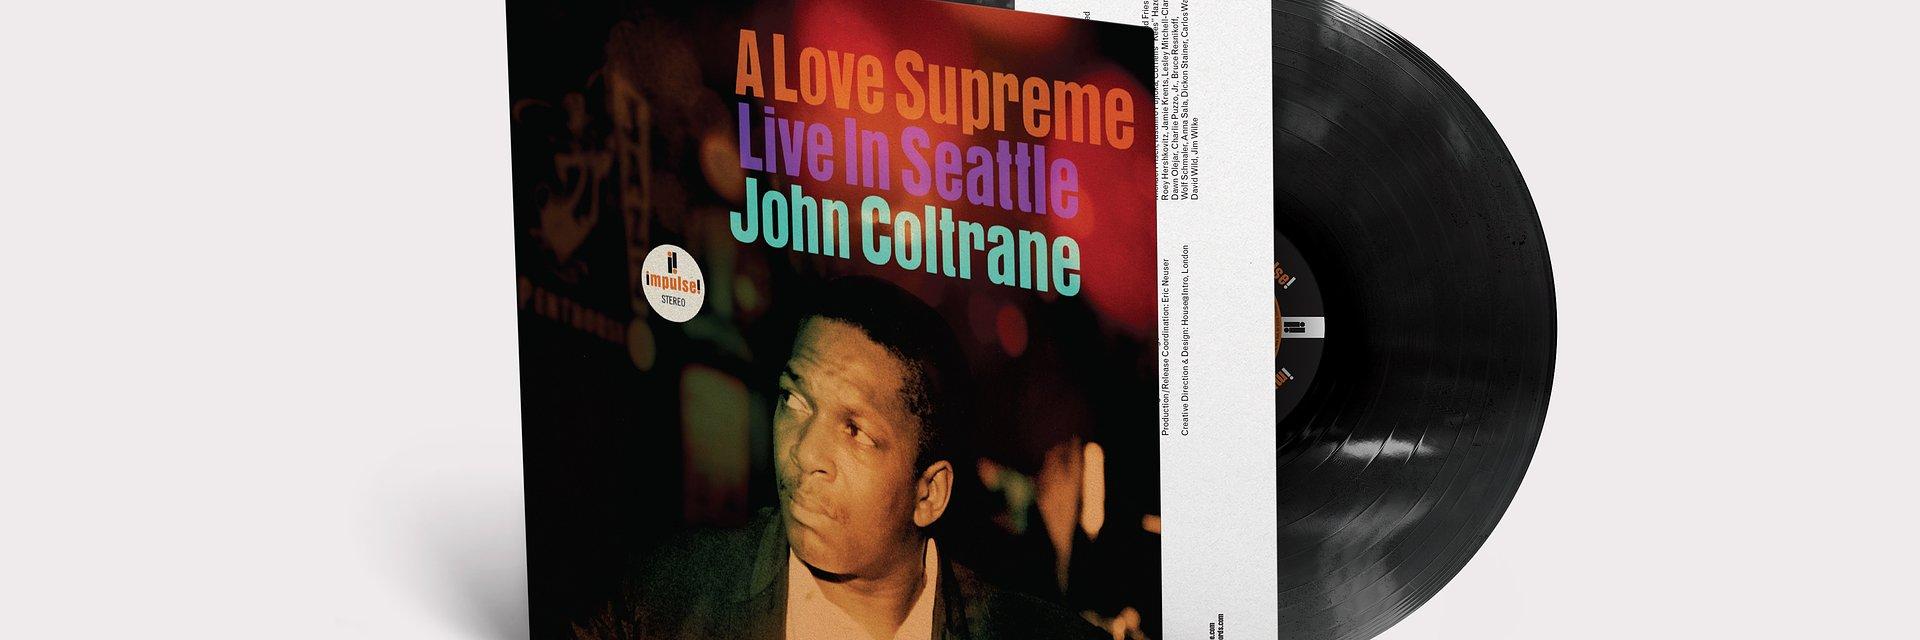 """John Coltrane """"A Love Supreme: Live in Seattle"""". Premiera 22 października."""